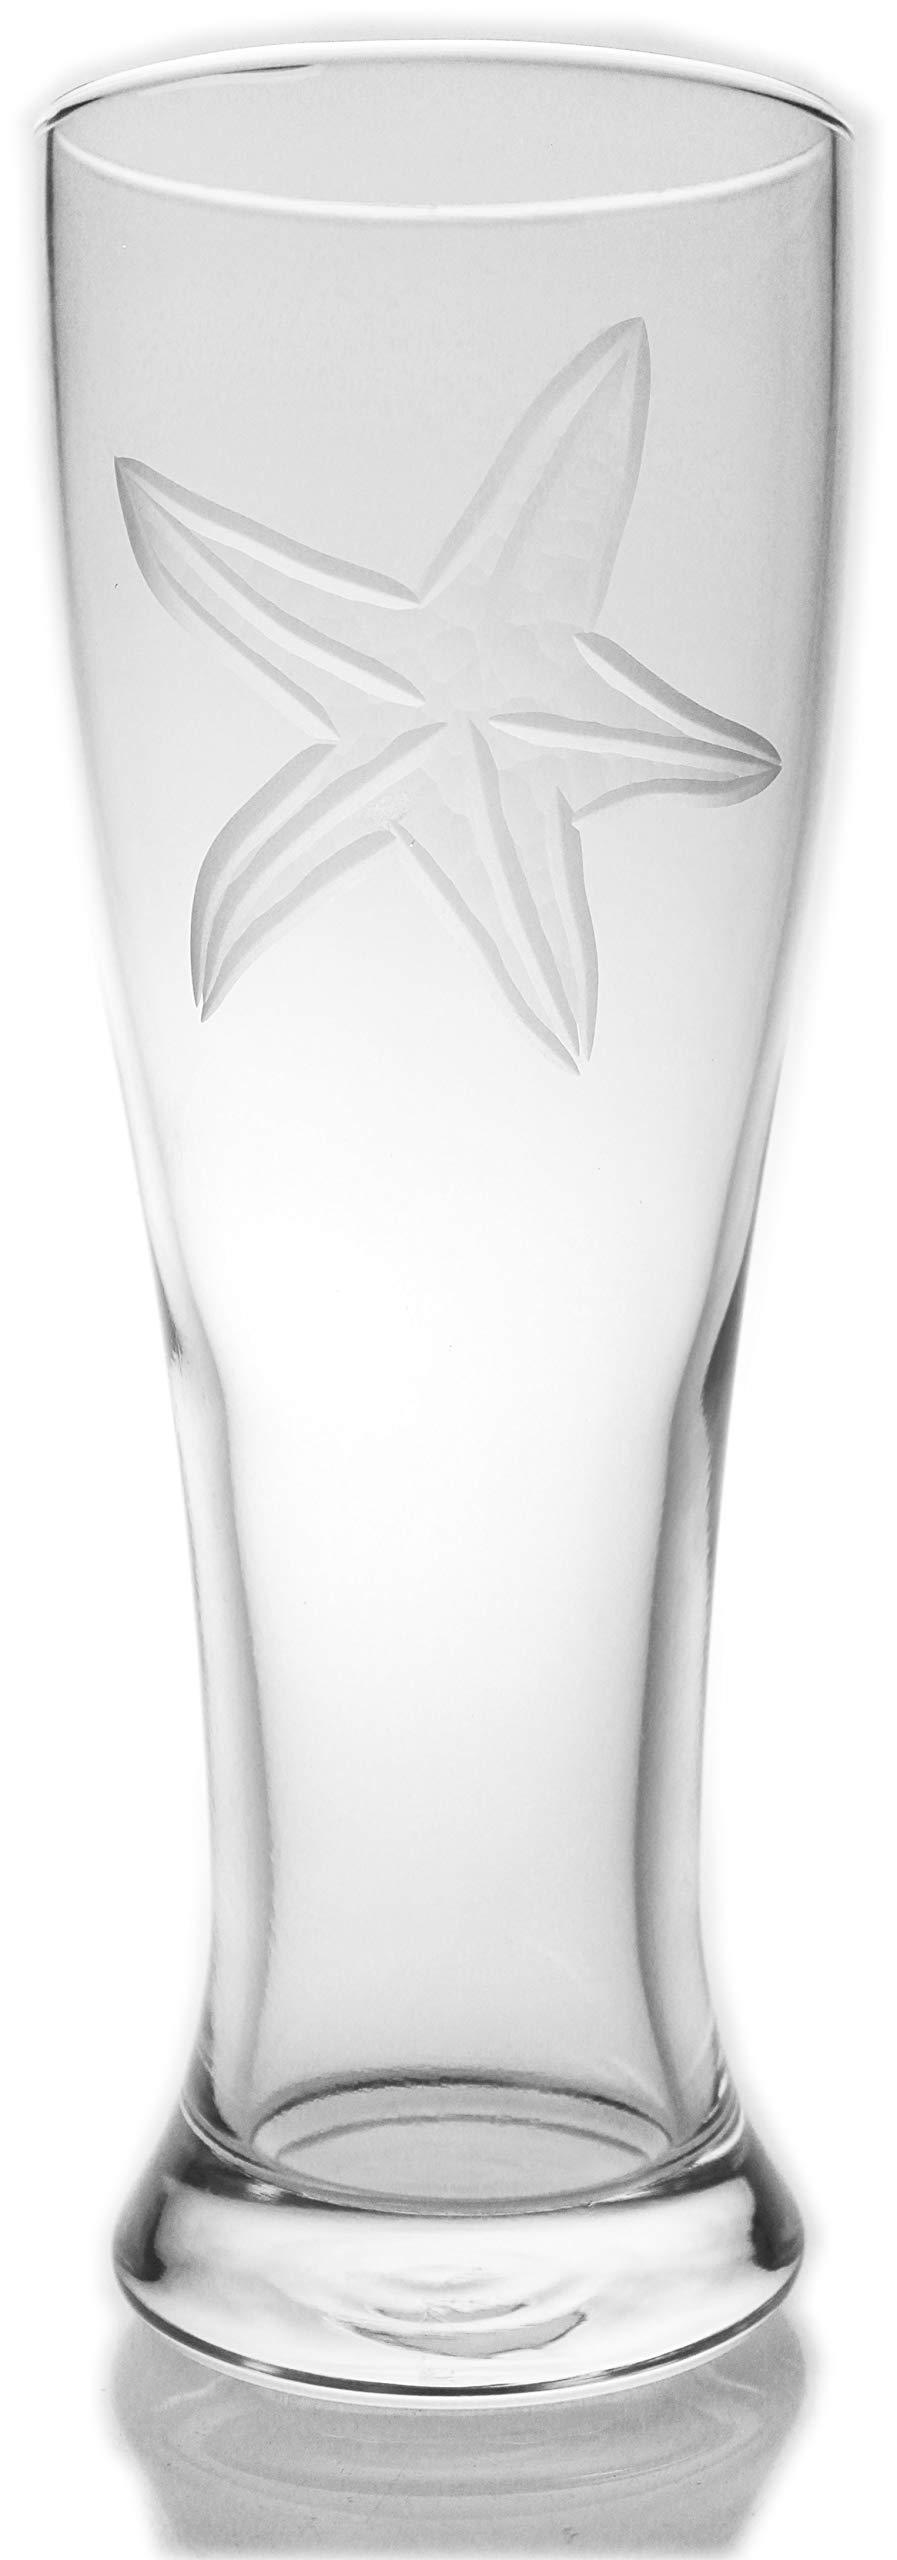 Set of 4 Rolf Glass 16oz. Starfish Pilsner